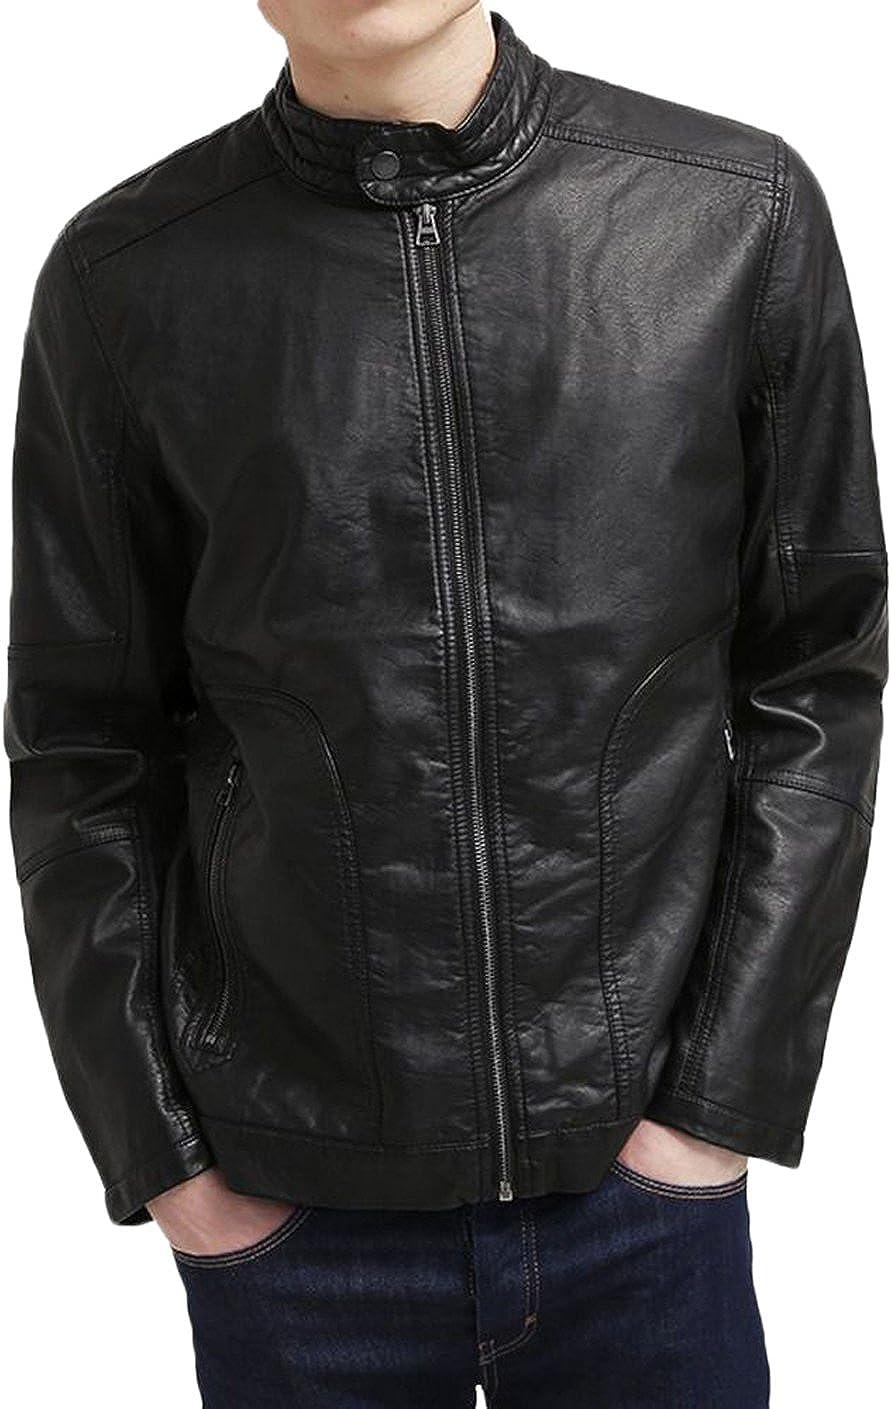 Kingdom Leather Men Slim Fit Biker Motorcycle Lambskin Leather Jacket Coat Outwear Jackets X1230